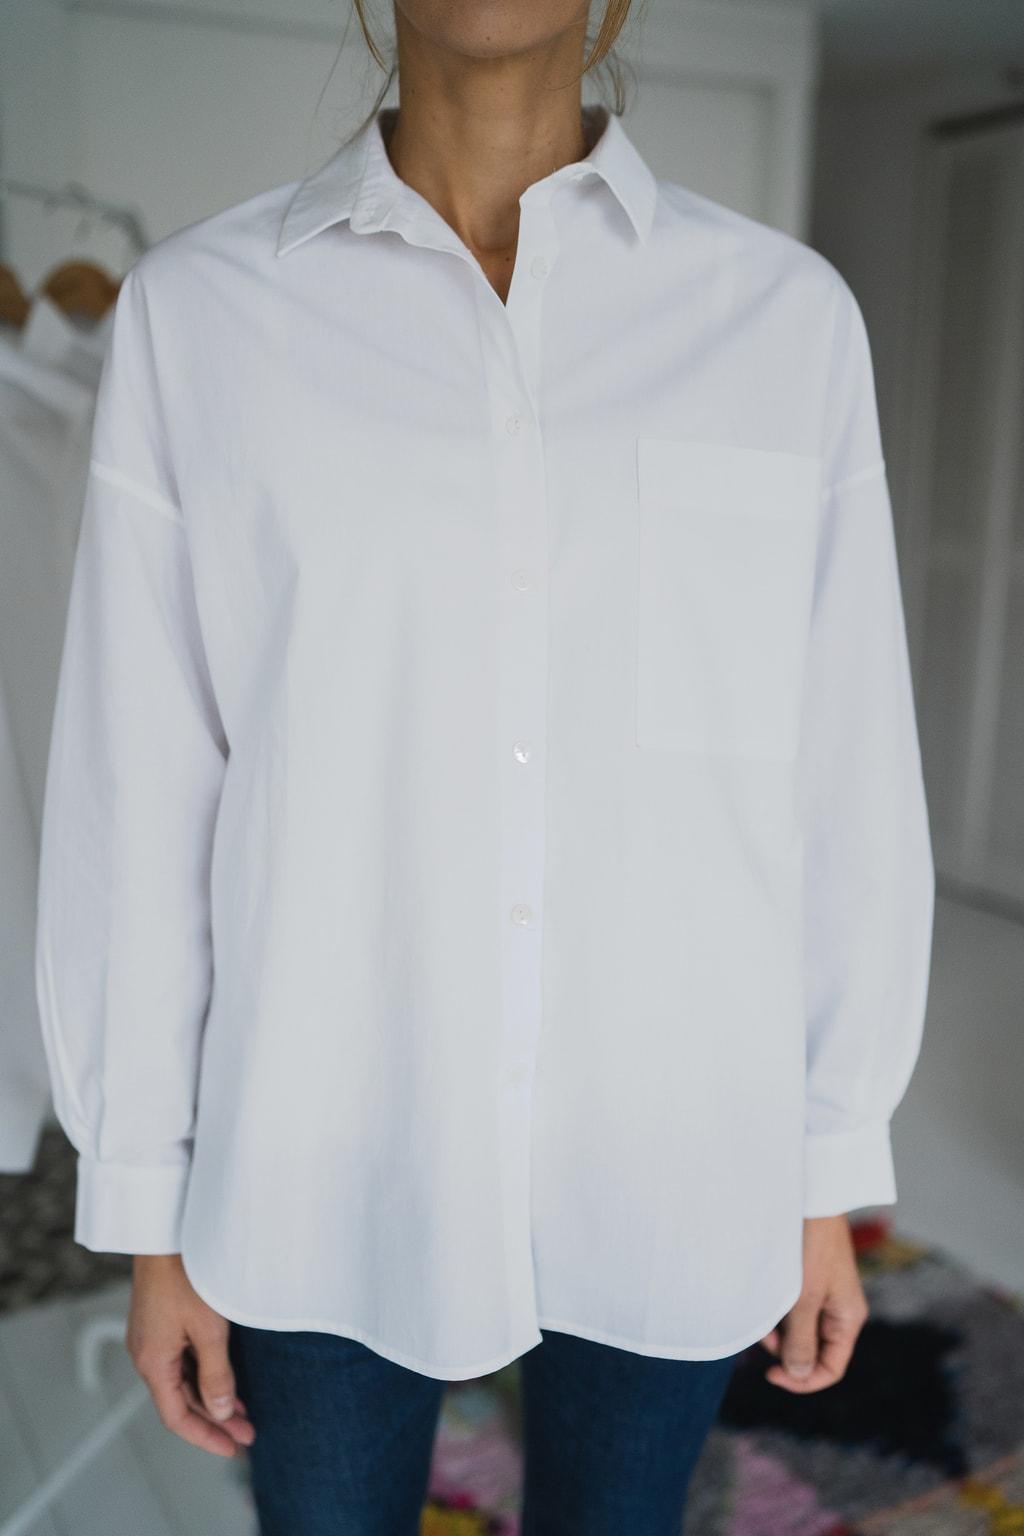 gamme complète d'articles date de sortie vraie affaire Trouver la chemise blanche idéale : 8 marques au banc d ...